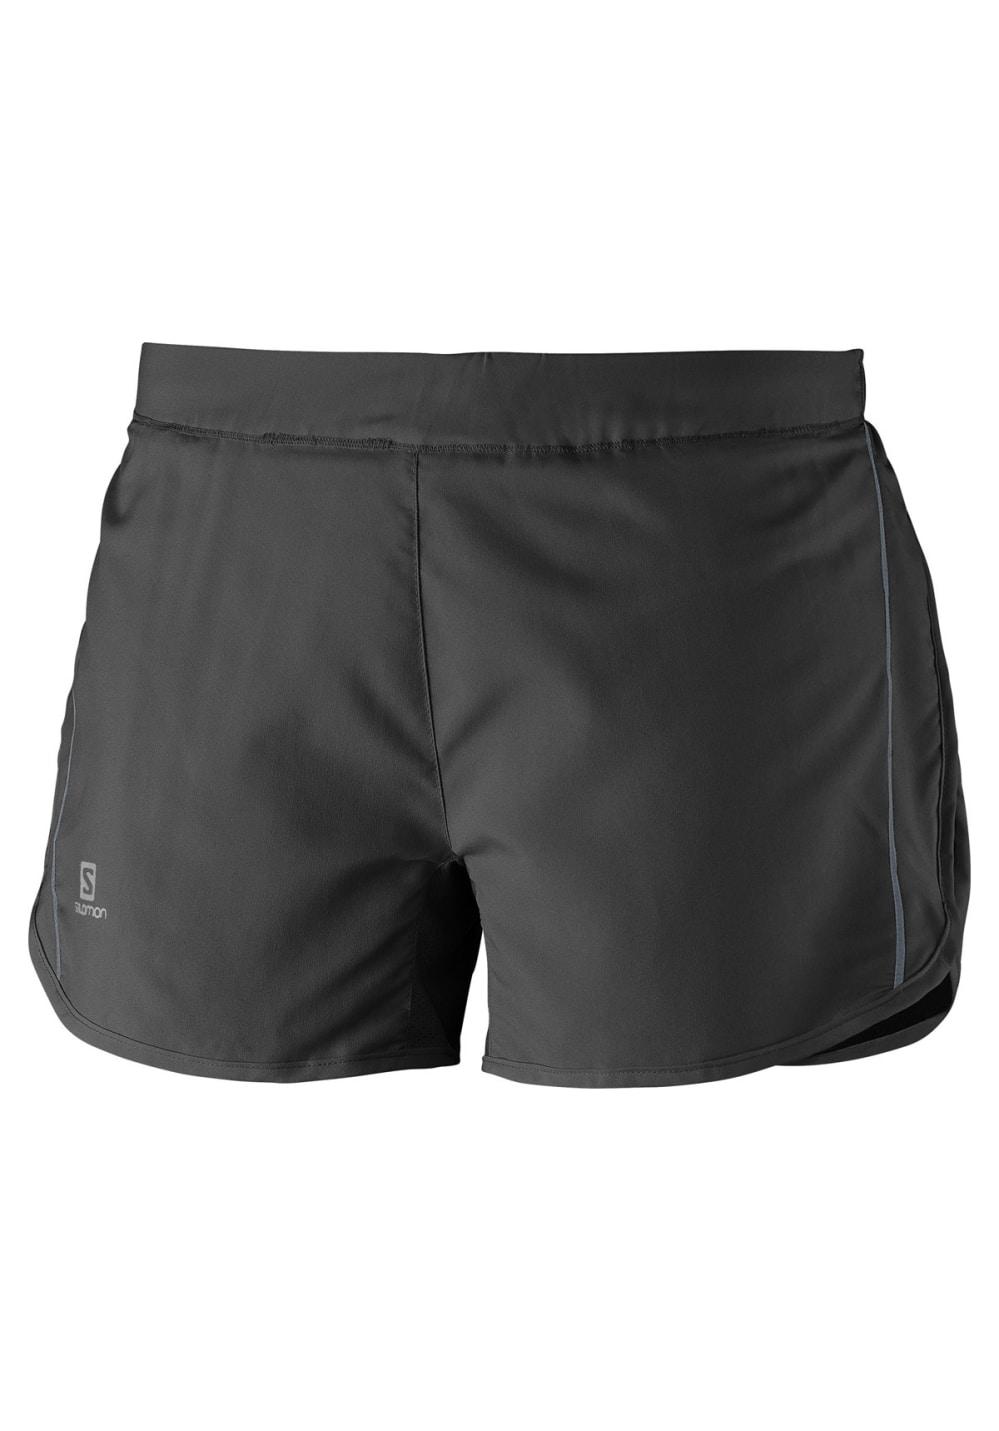 Salomon Agile Short - Laufhosen für Damen - Schwarz, Gr. XL